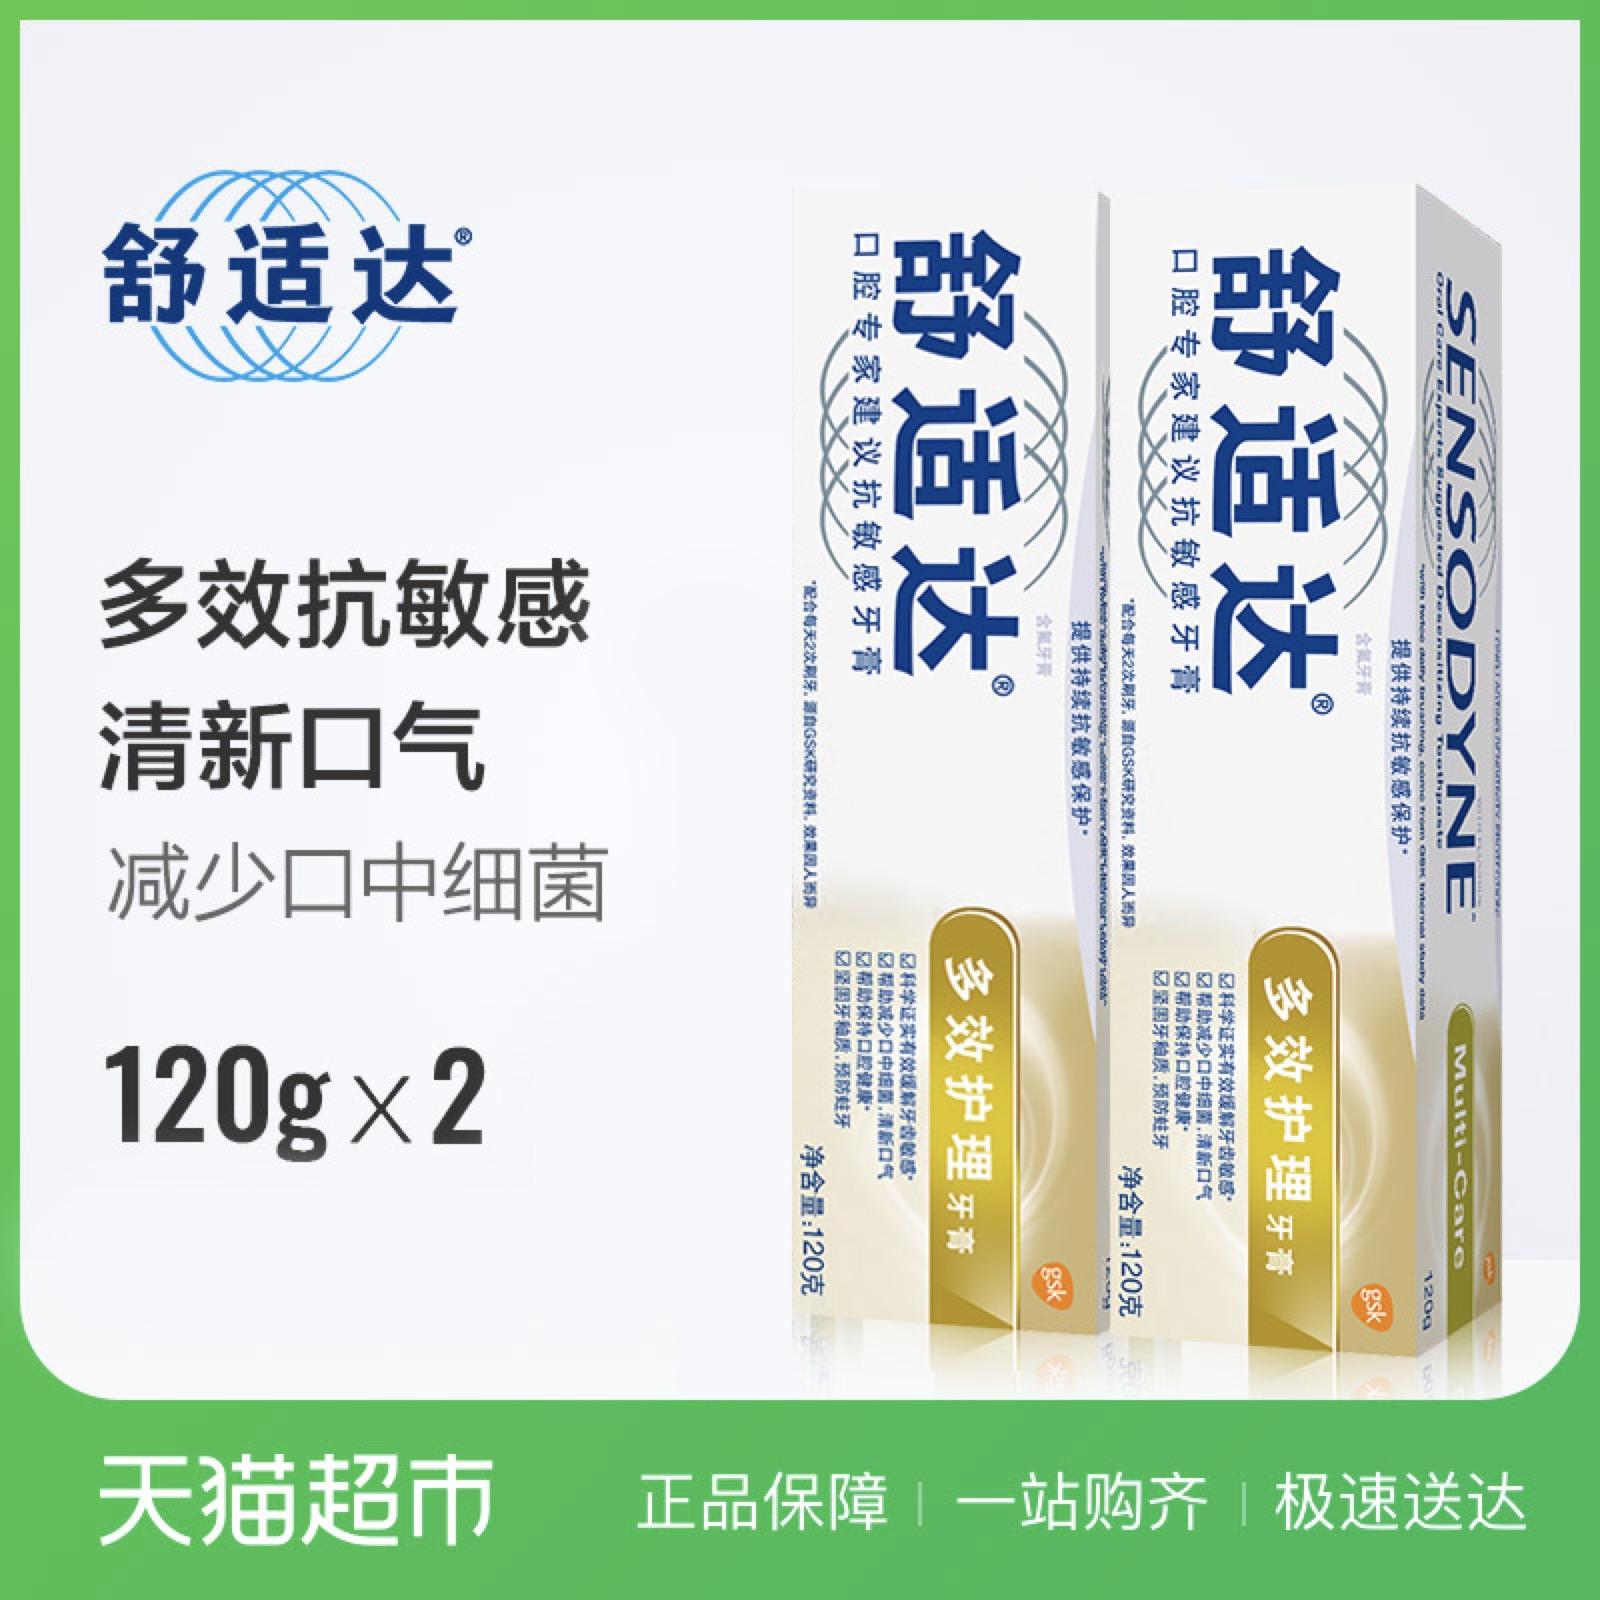 舒适达多效护理抗敏感牙膏120g*2支套装 缓解牙敏感